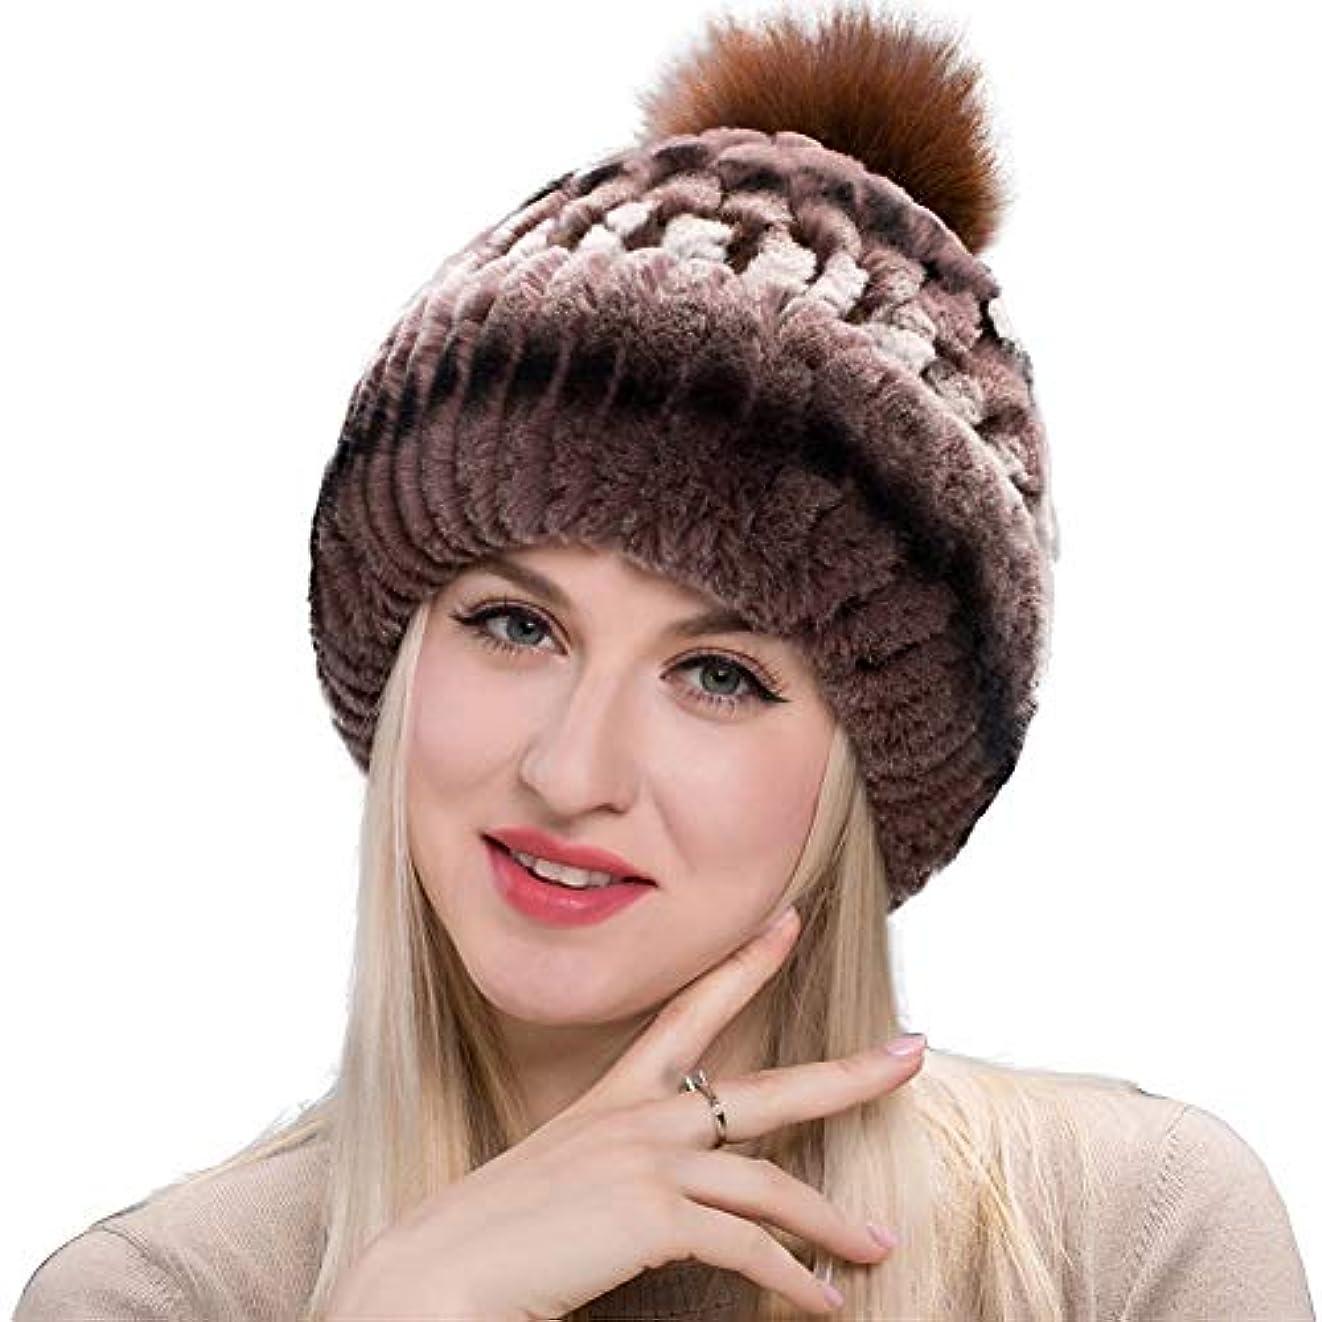 ハチこどもの宮殿親密なACAO さんの秋と冬のファッションウサギの毛皮の草さん暖かいニット帽キツネの毛皮の帽子包頭のイヤーキャップ (色 : Coffee ridge, Size : L)